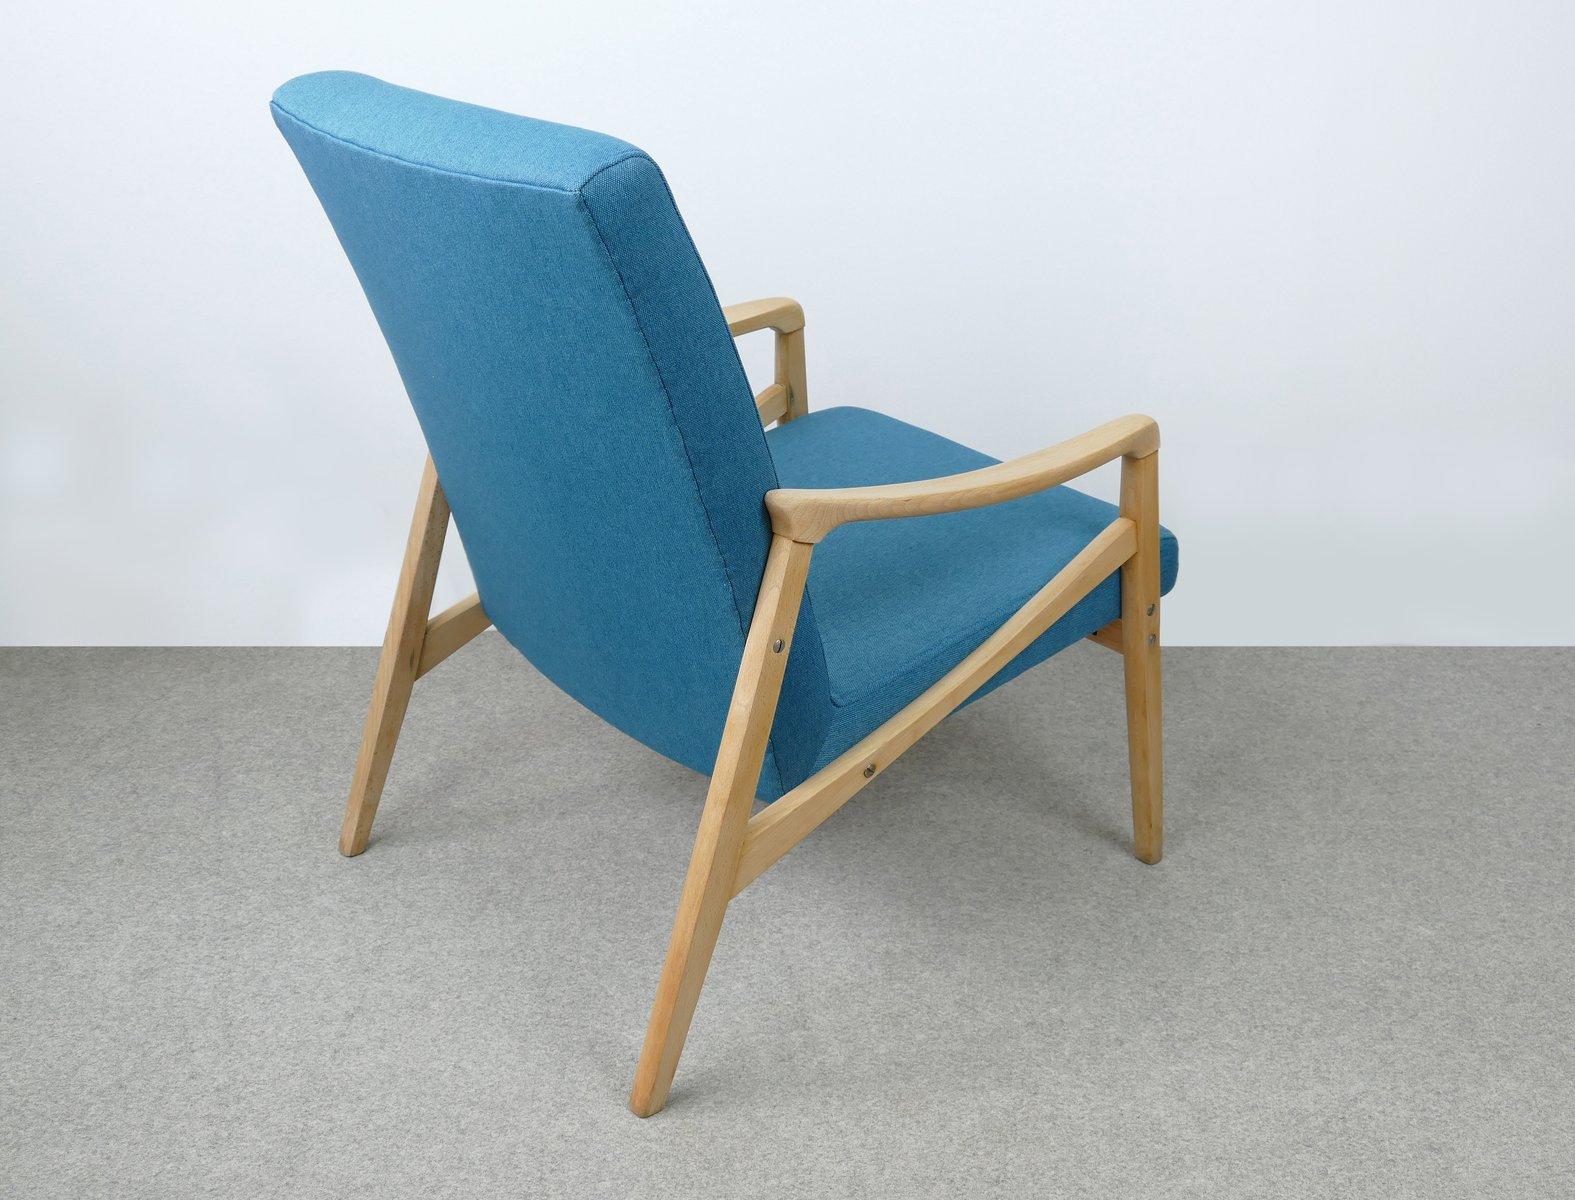 blauer tschechischer mid century sessel 1960er bei pamono kaufen. Black Bedroom Furniture Sets. Home Design Ideas